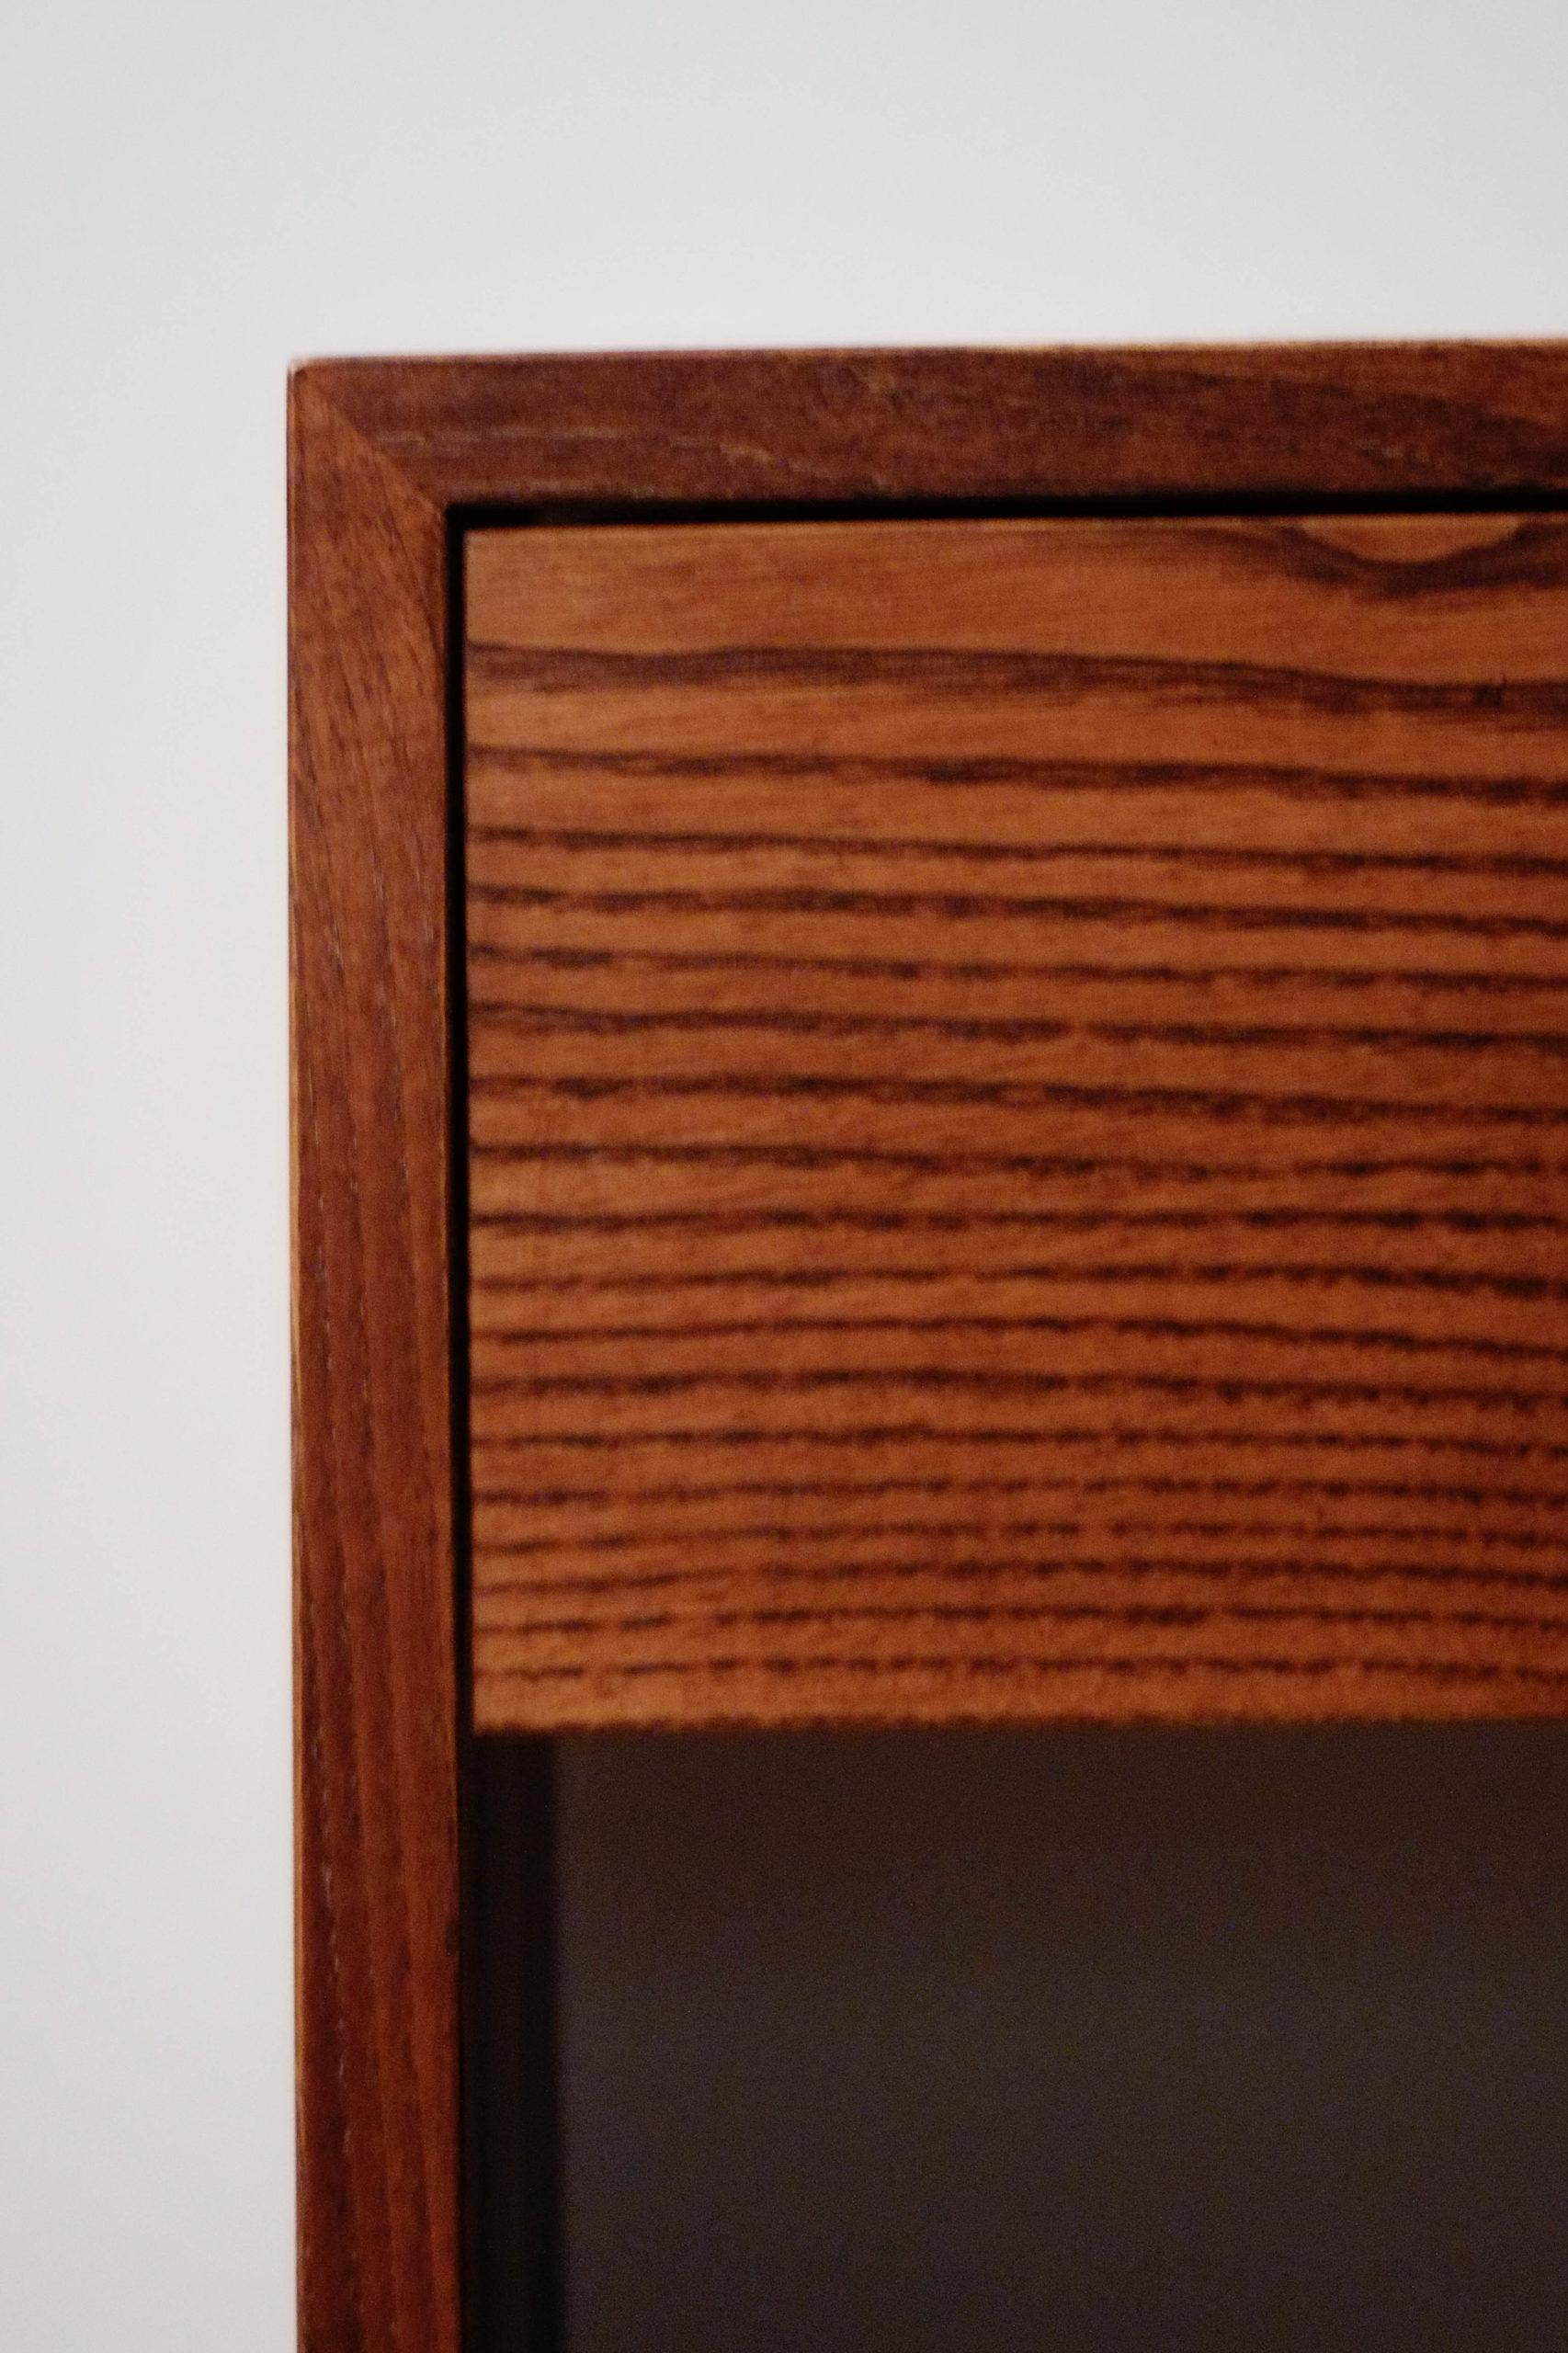 detalle madera natural hecha a mano calidad diseño madera maciza